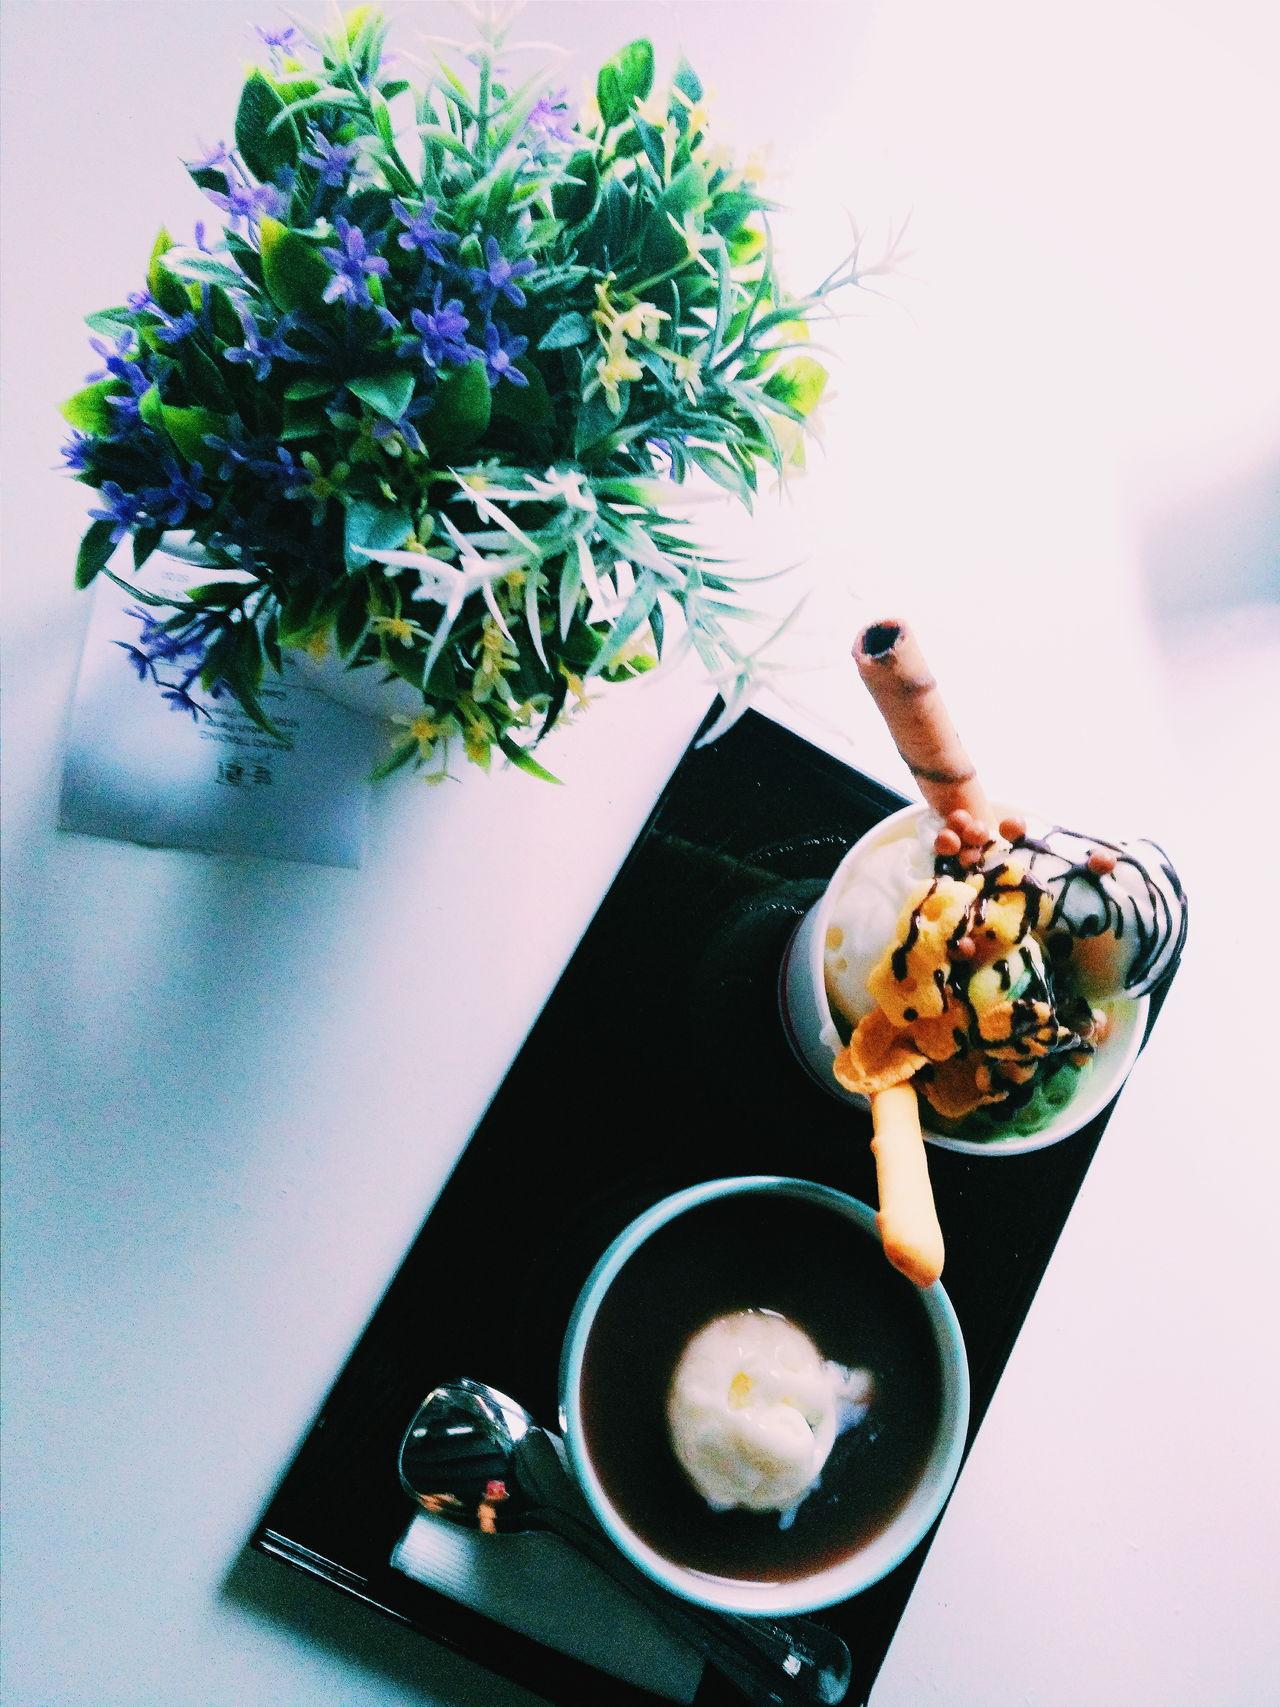 14:17:38 08/07/16 哇靠 Restaurant Penang Malaysia Food Icecream🍦